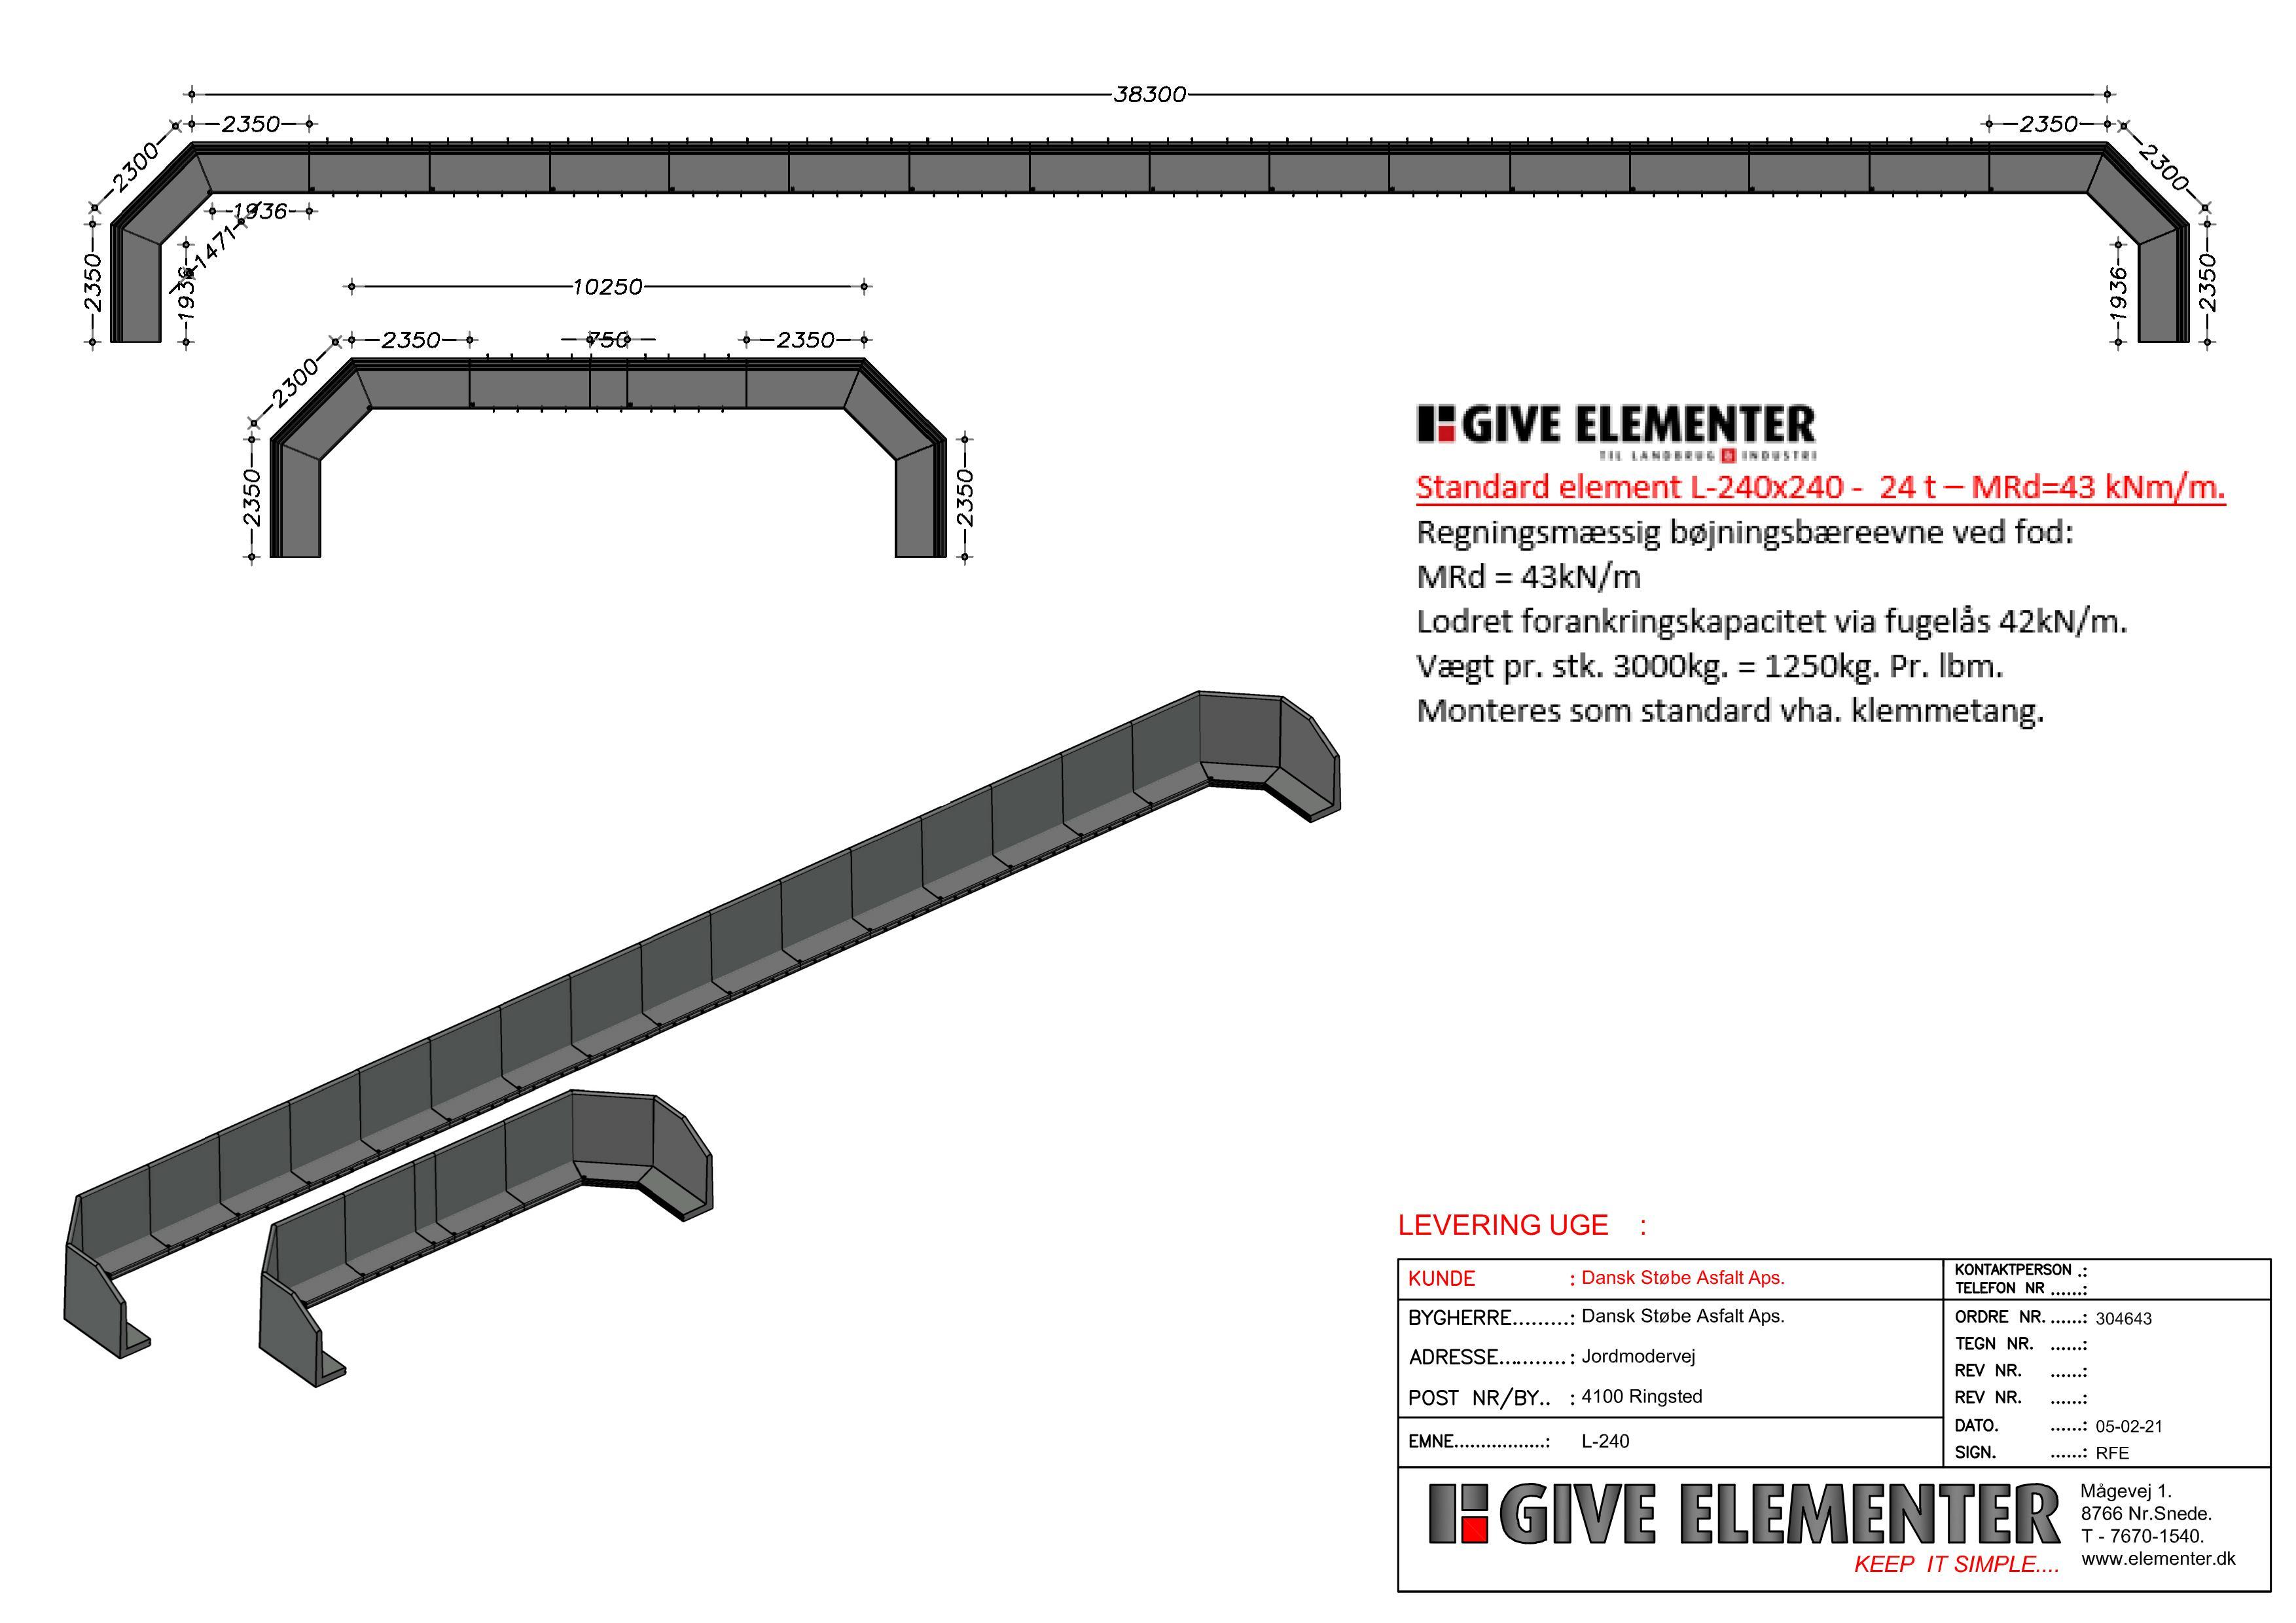 Båsesystemer - L-240 - L-elementer - Opbevaring af materialer - Sortering